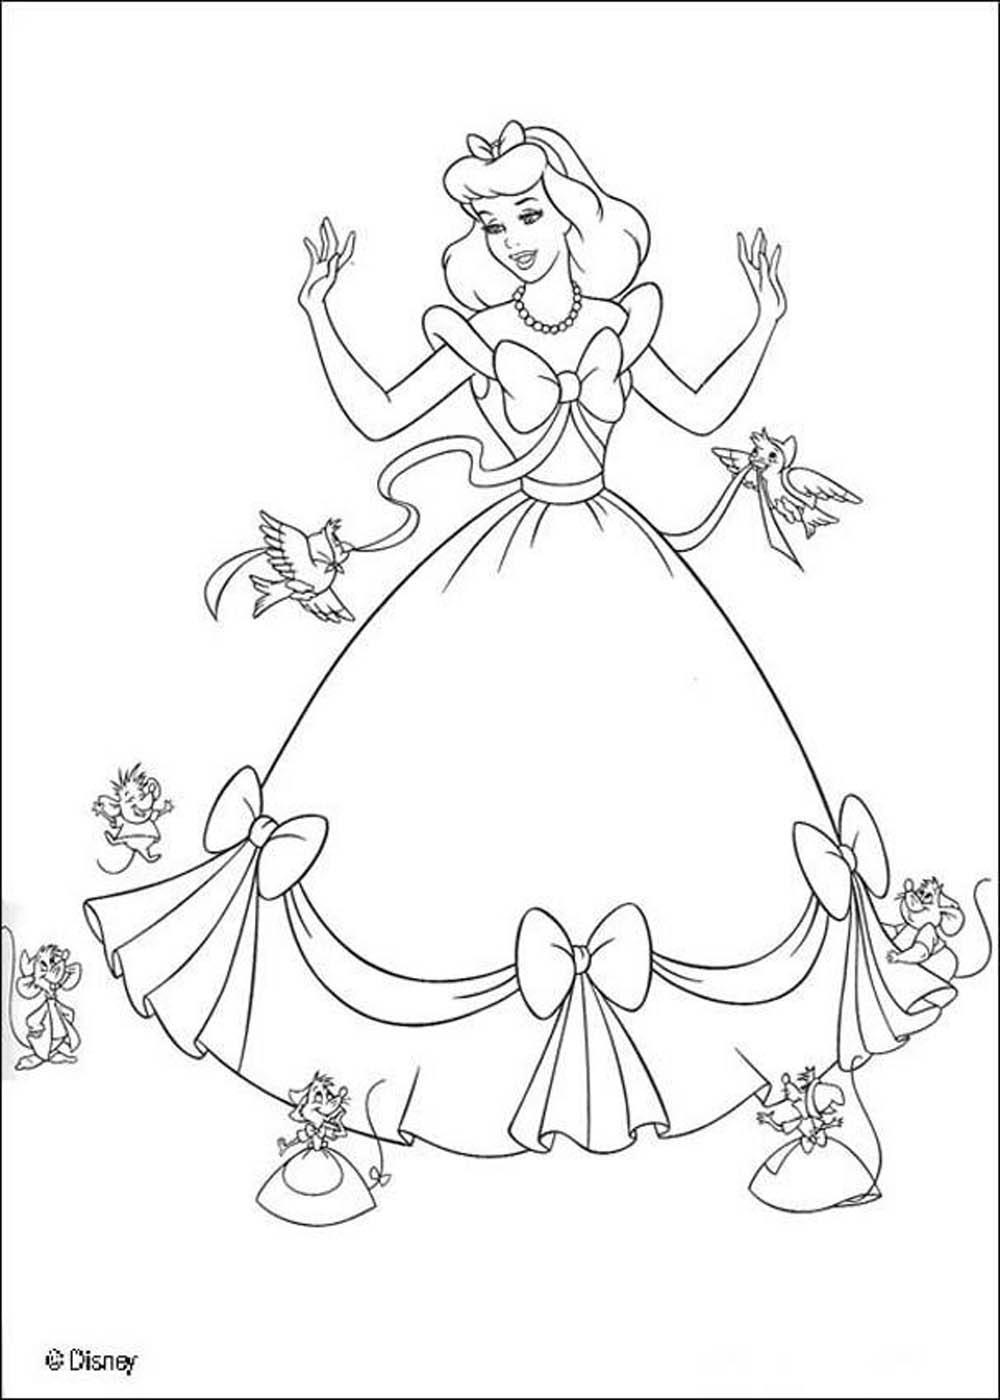 Cendrillon 6 coloriage cendrillon coloriages pour enfants - Dessin anime cendrillon disney ...